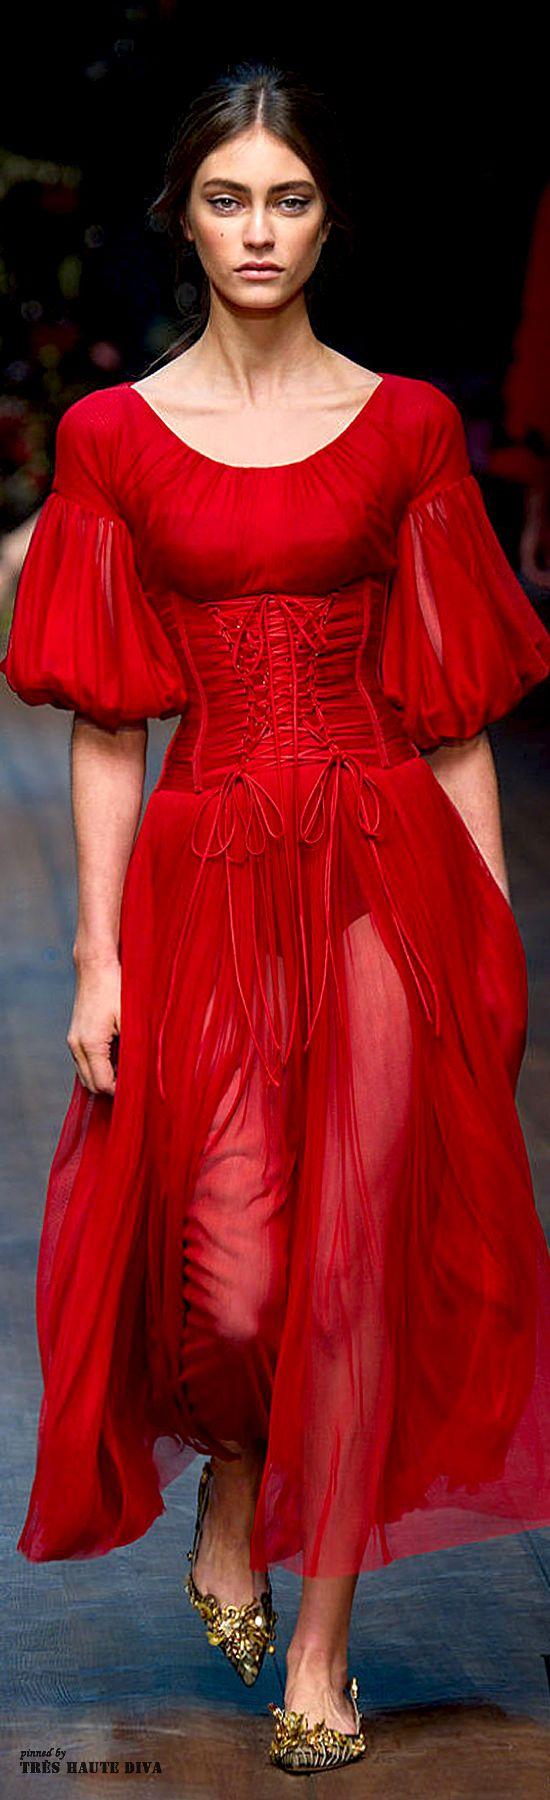 Colección Dolce & Gabbana inspirada en la Edad Media.